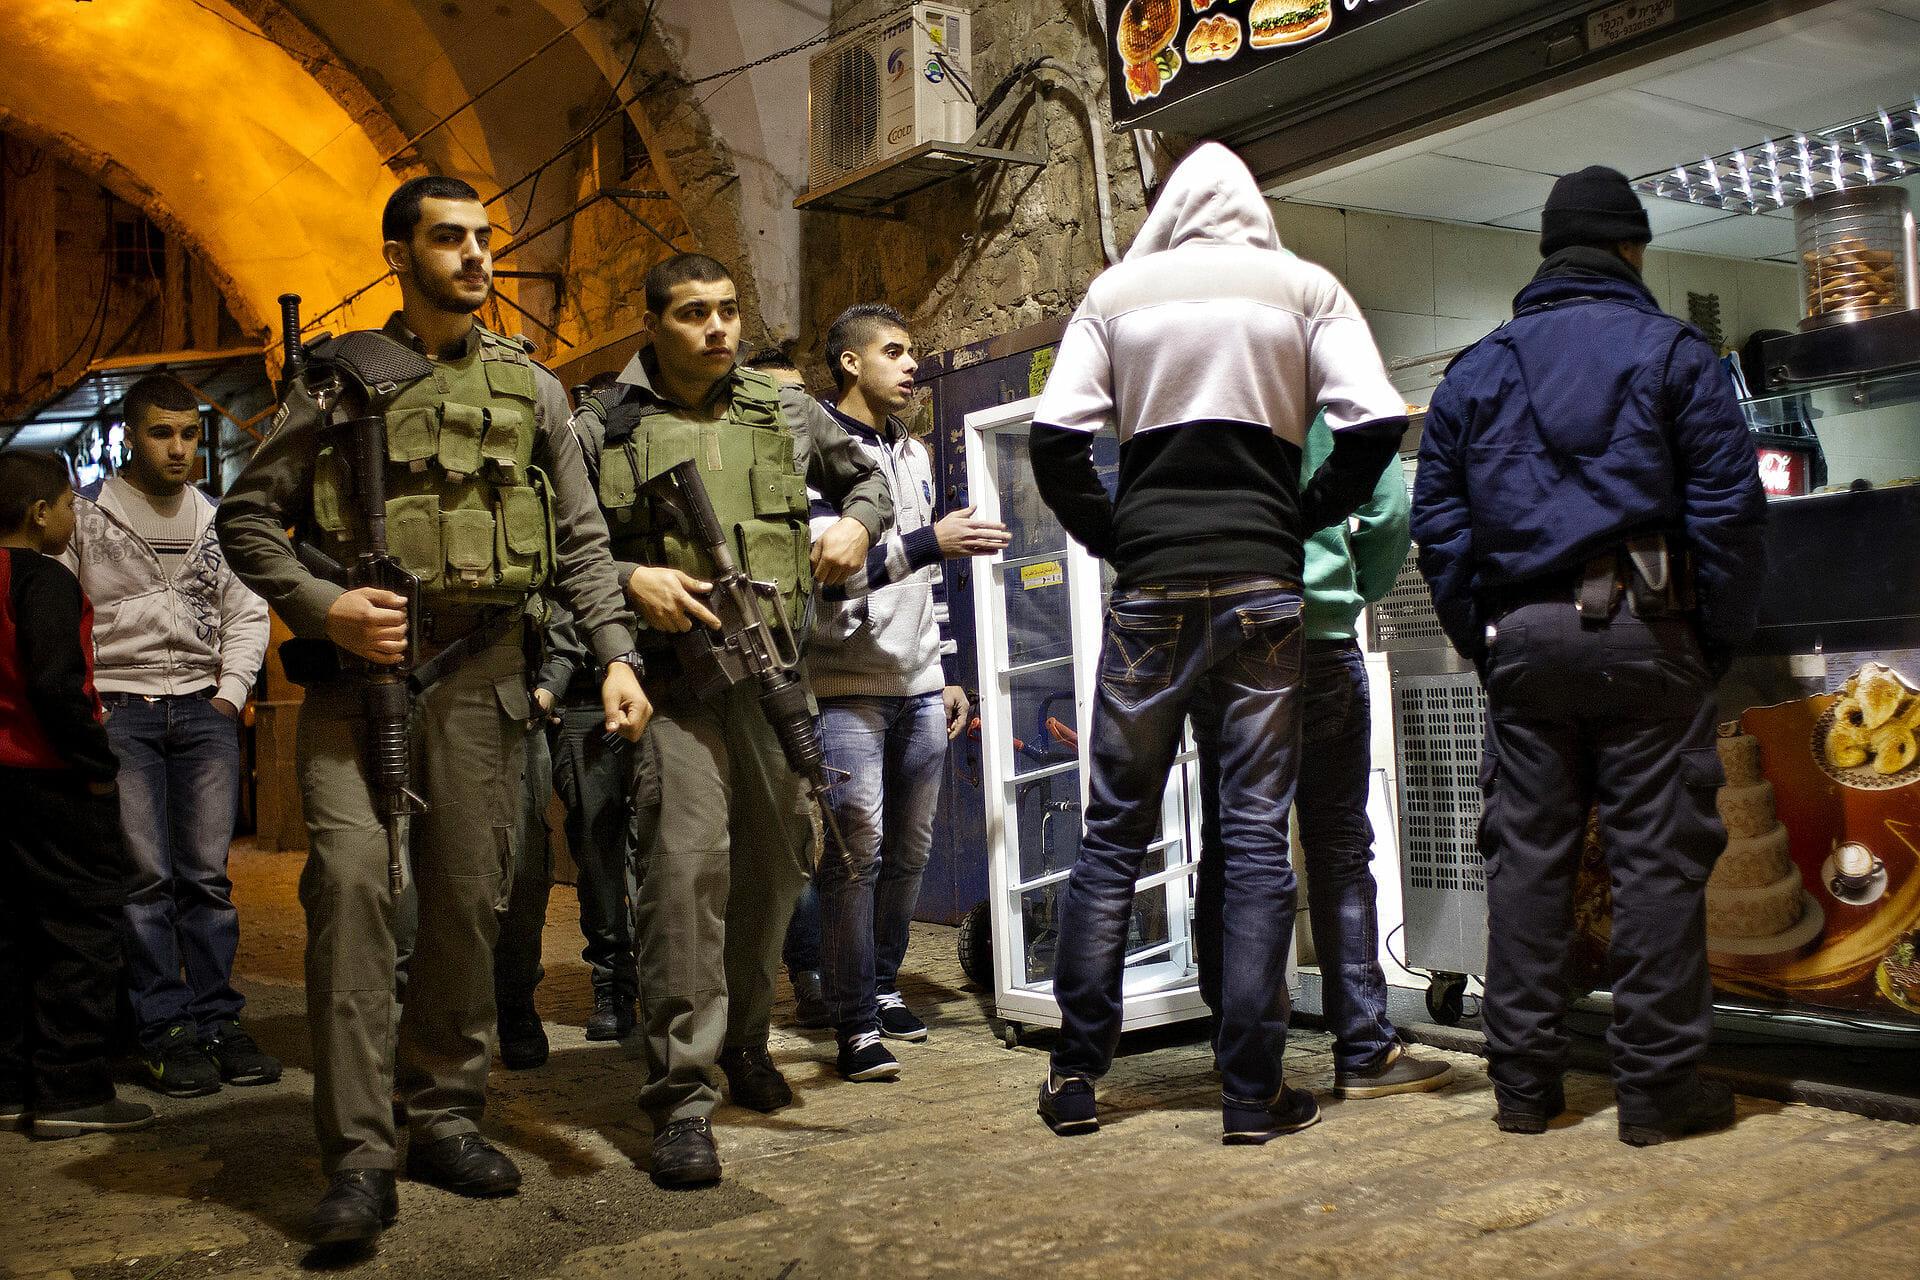 OVERBLIK: De palæstinensiske områder